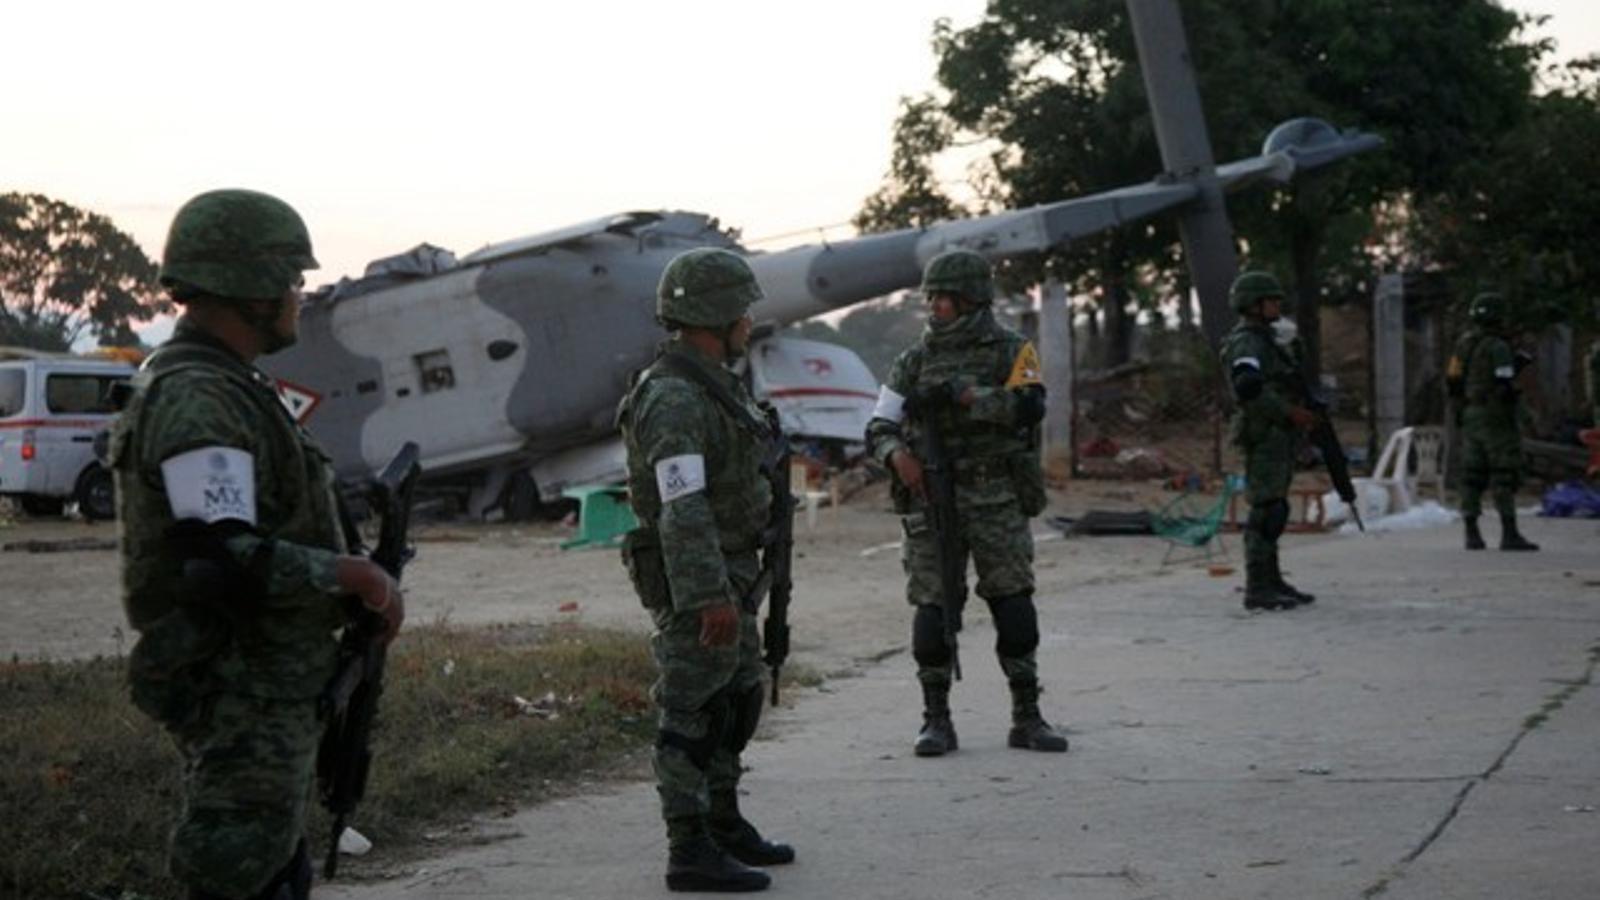 Tretze morts en estavellar-se un helicòpter que visitava la zona afectada per un terratrèmol a Mèxic